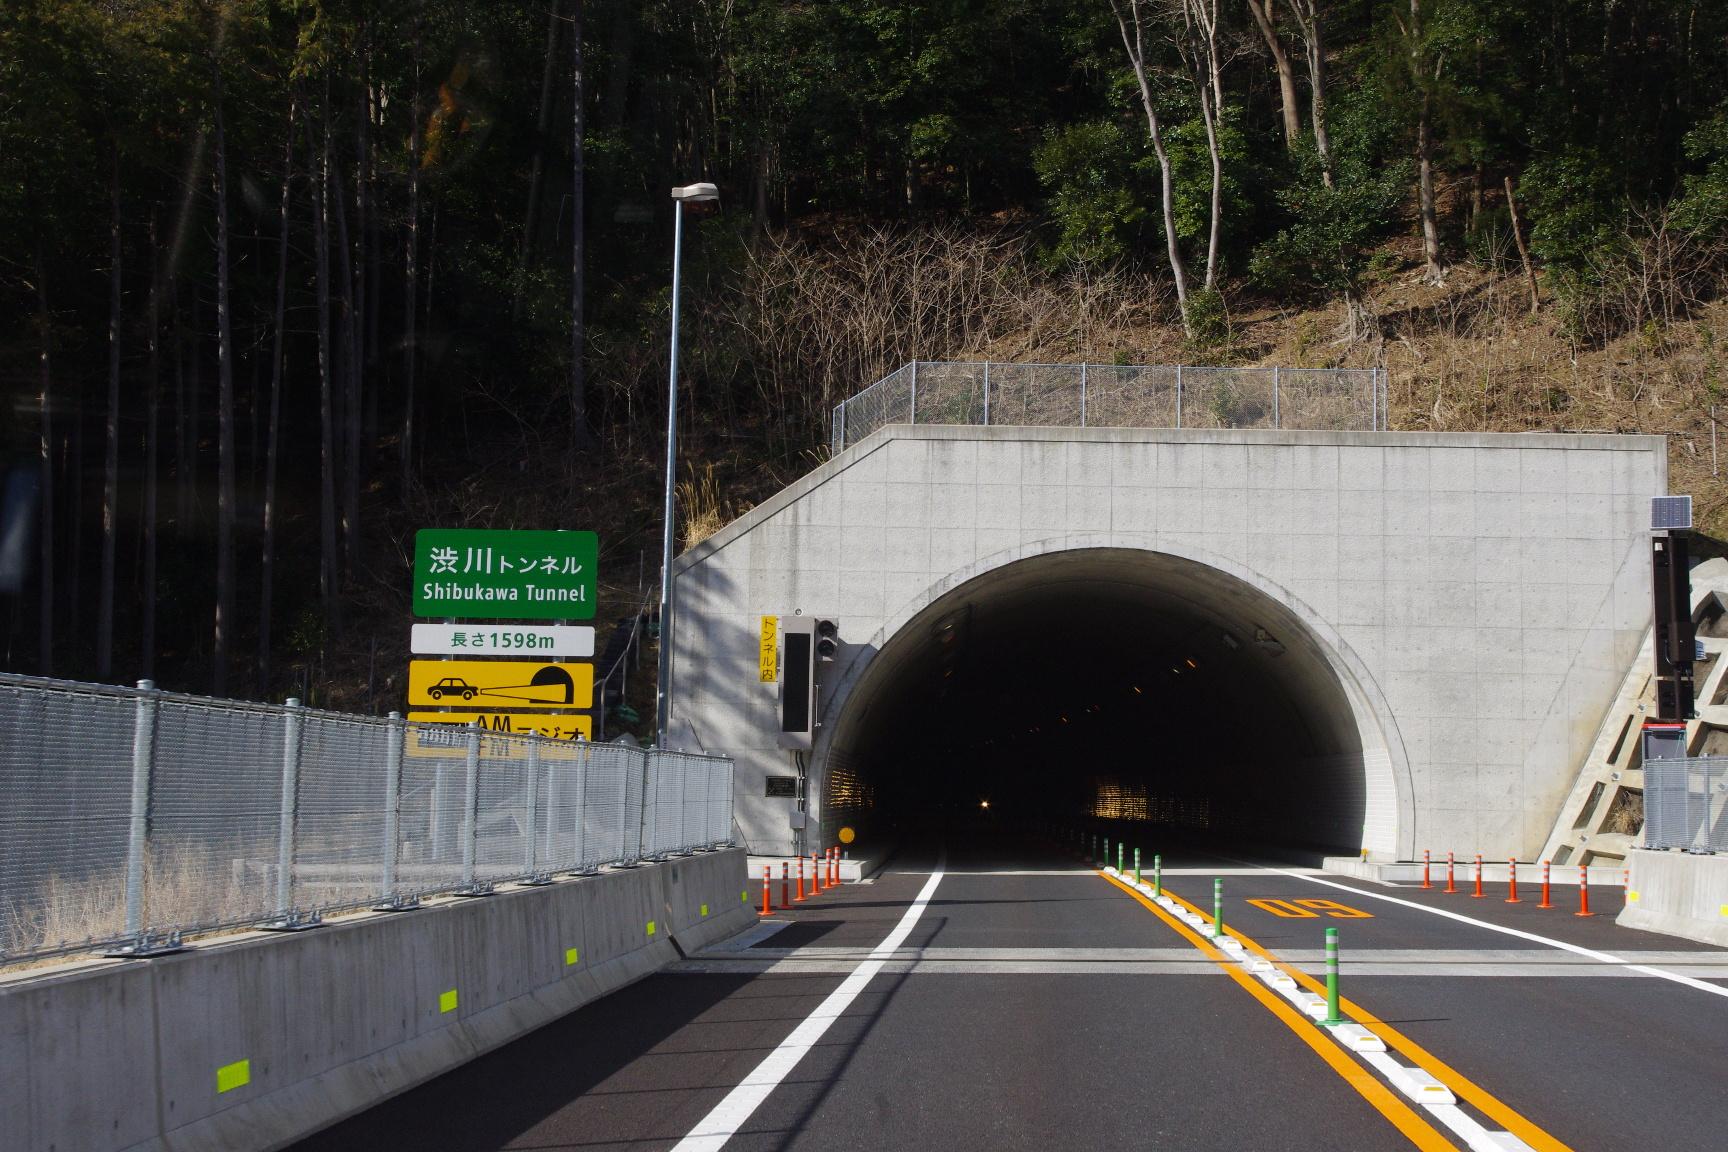 渋川トンネル 1,598m